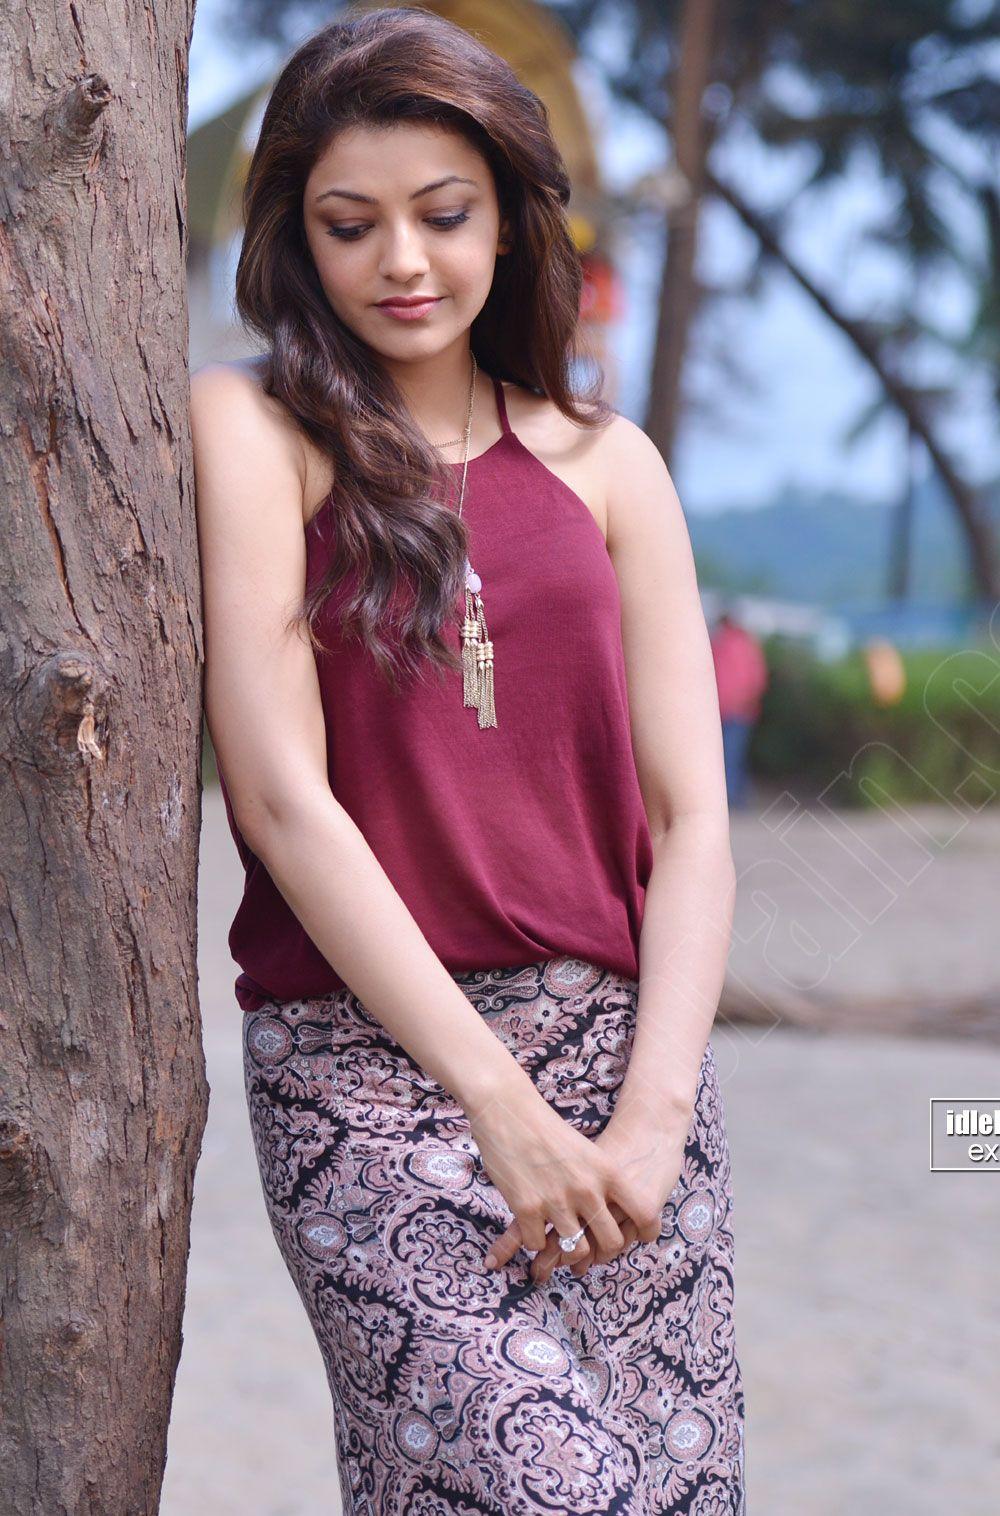 b182afda7615d9 Kajal Agarwal Latest Cute & Sexy Stills In a Beach... - Page 2 ...